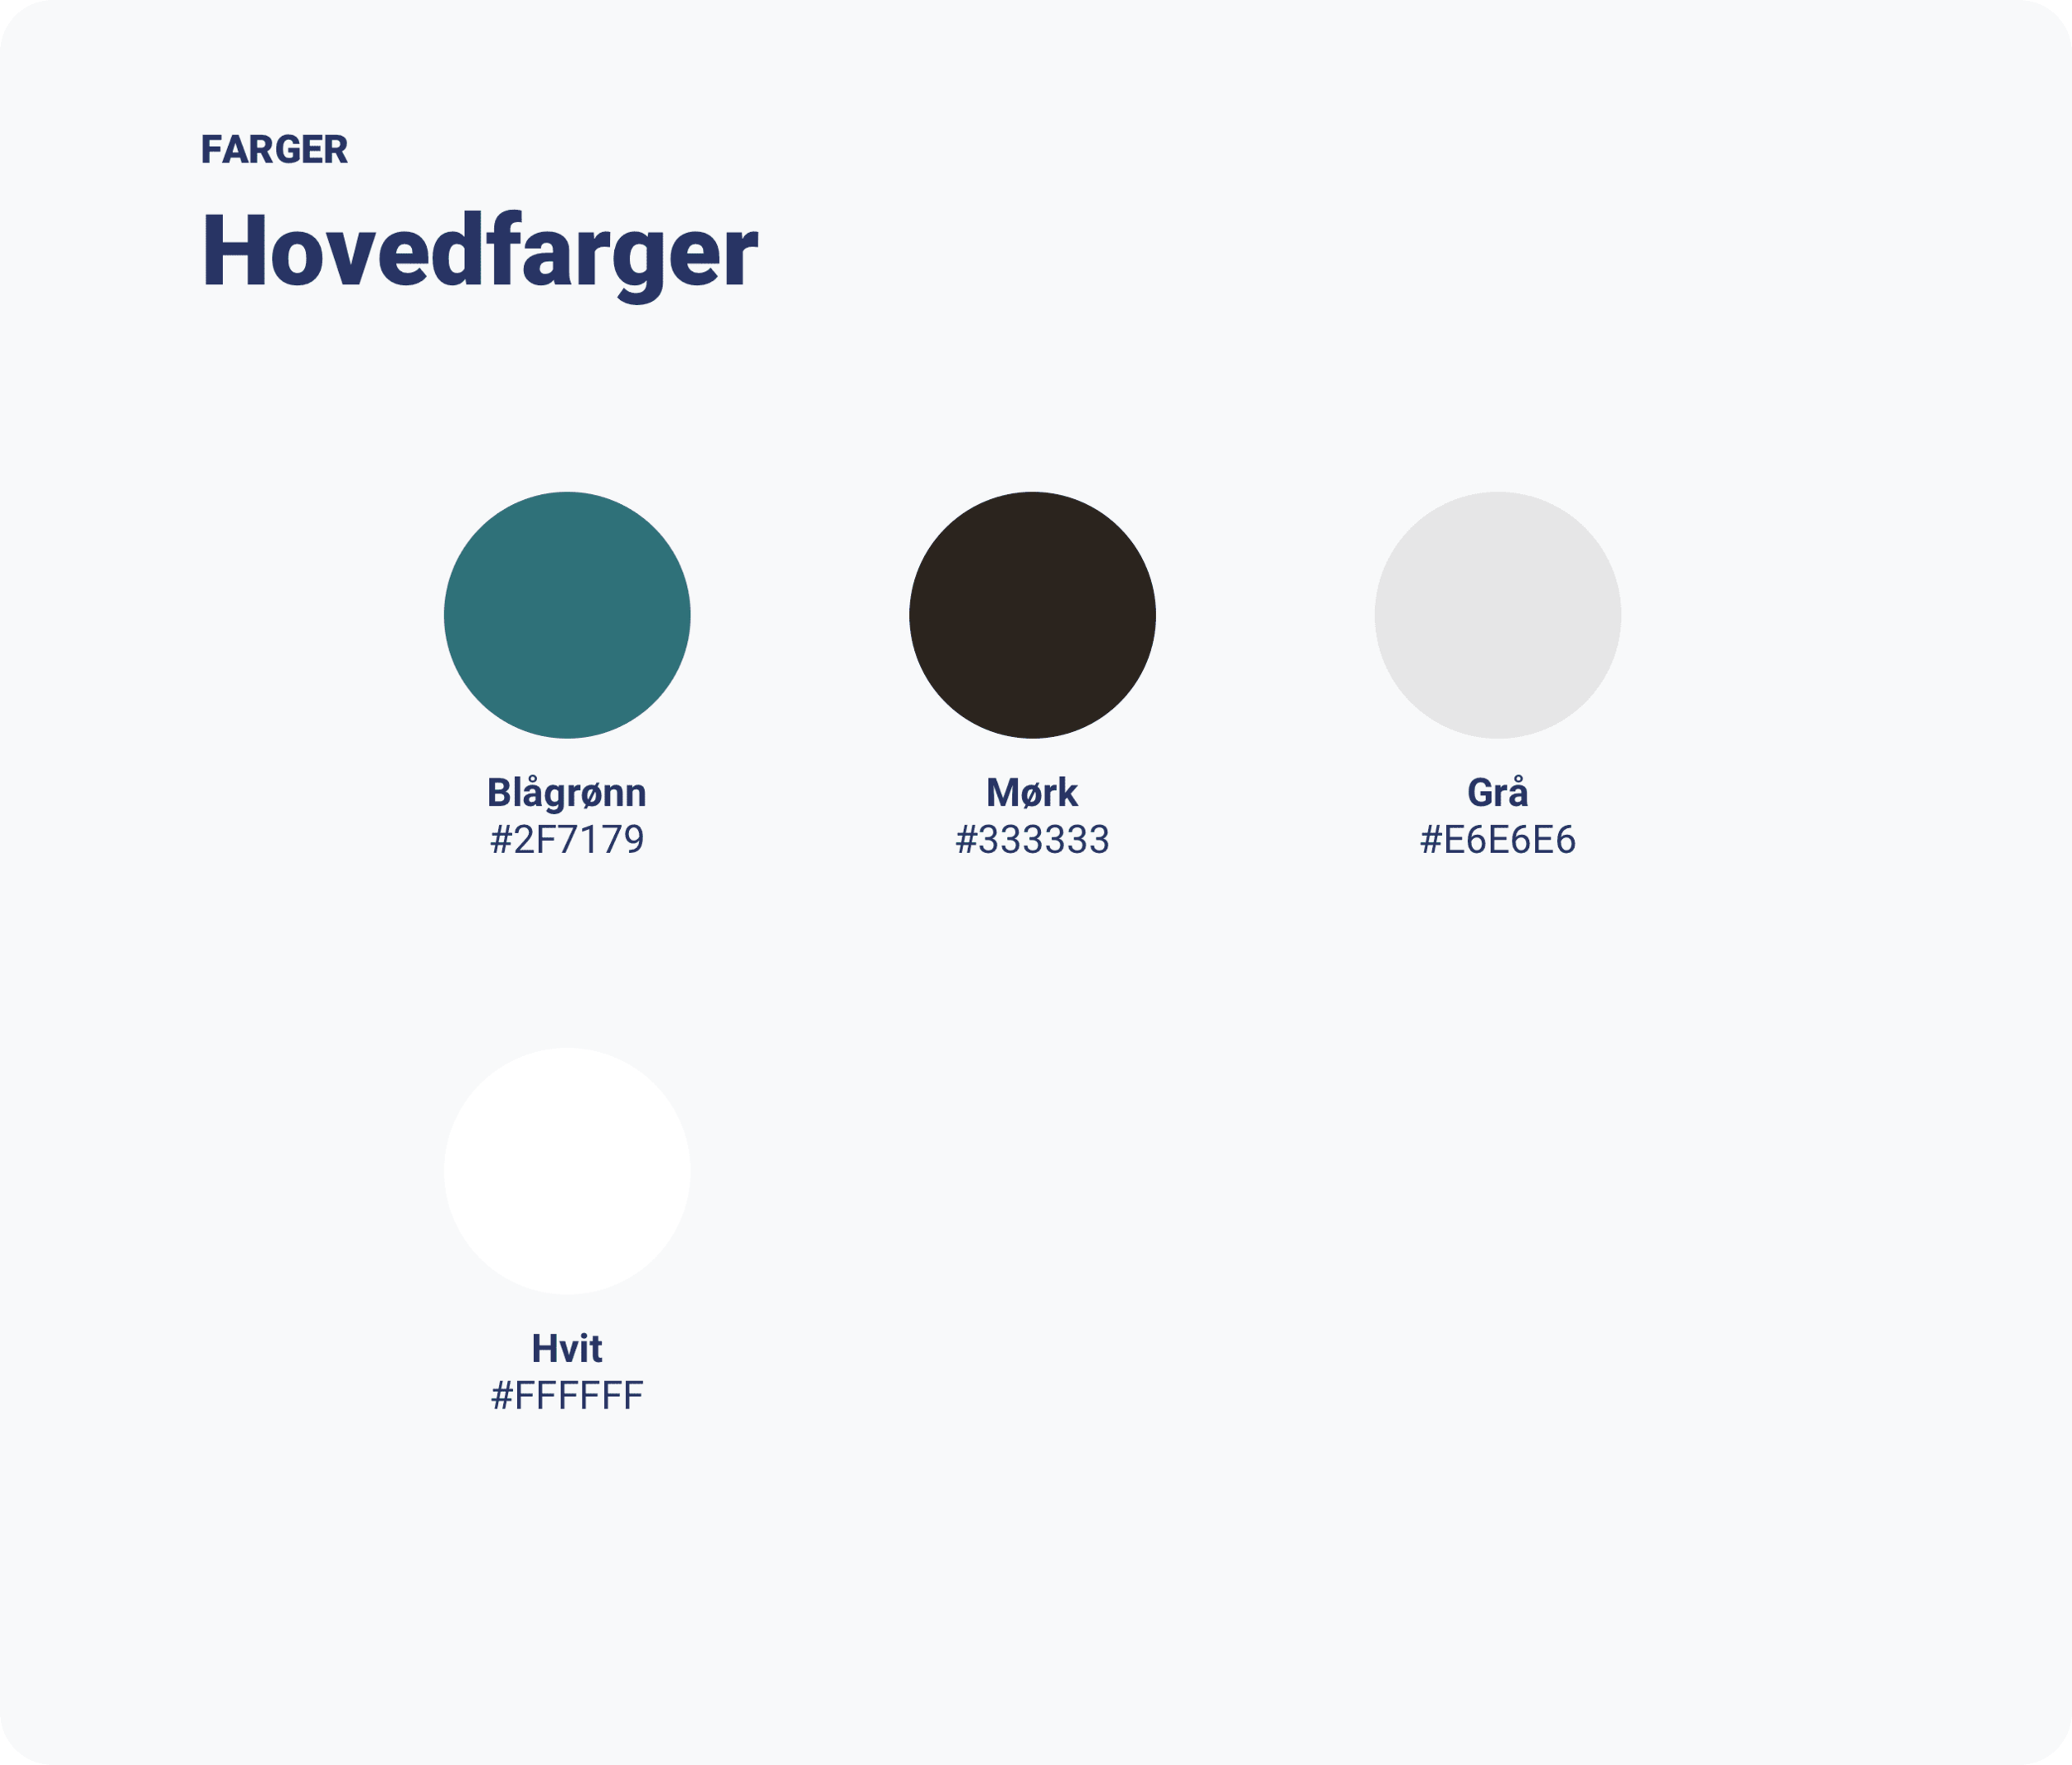 norsk-forfatterutvikling-farger